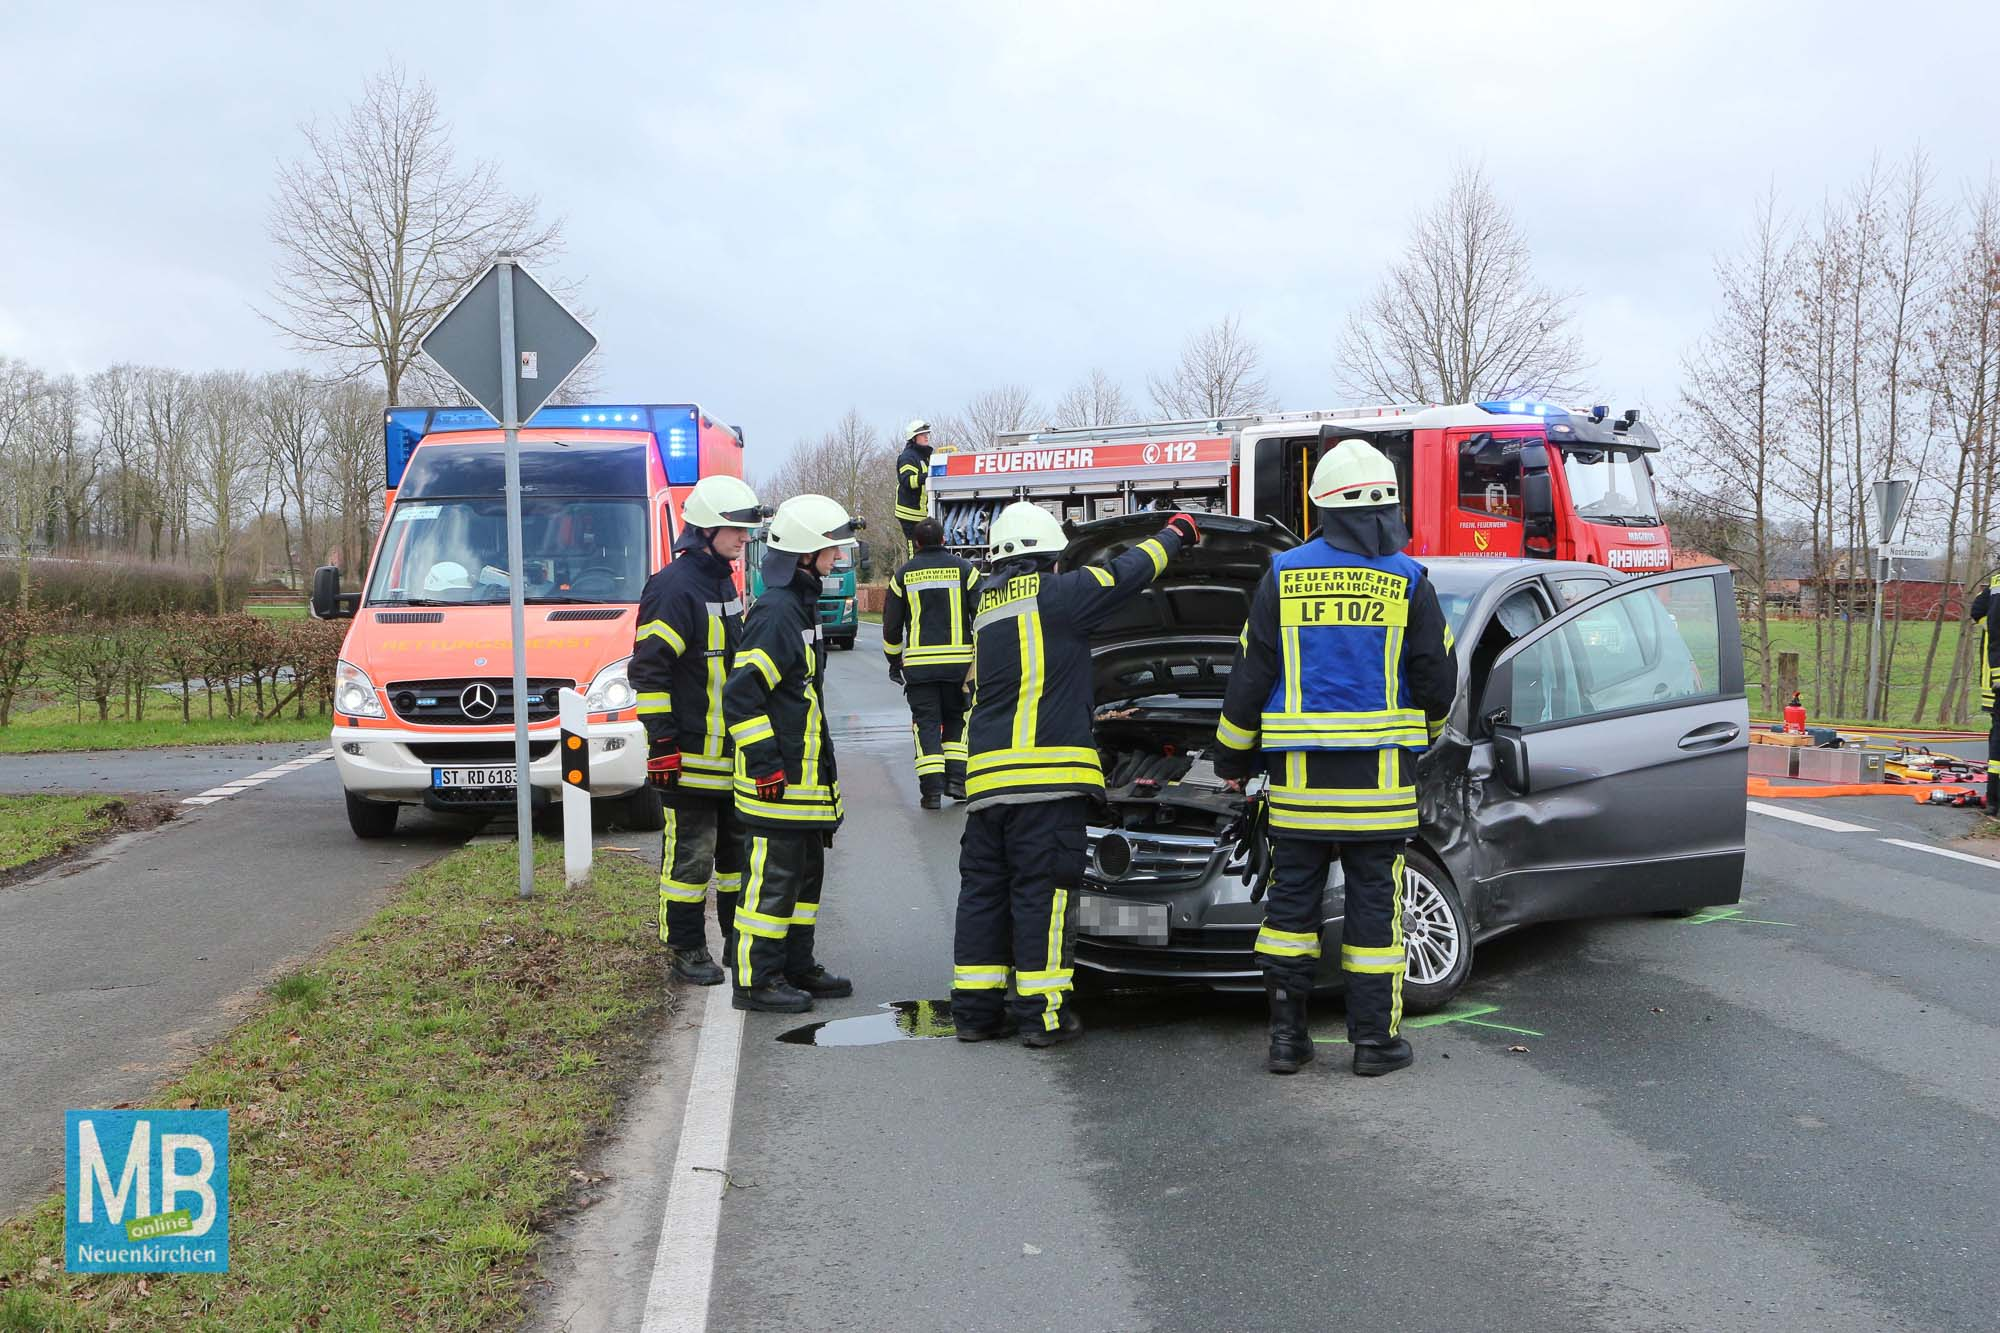 Schwerer Verkehrsunfall am Dienstagnachmittag auf der Mesumer Straße, kurz vor der Auffahrt zur B70. | Foto: Heuermann